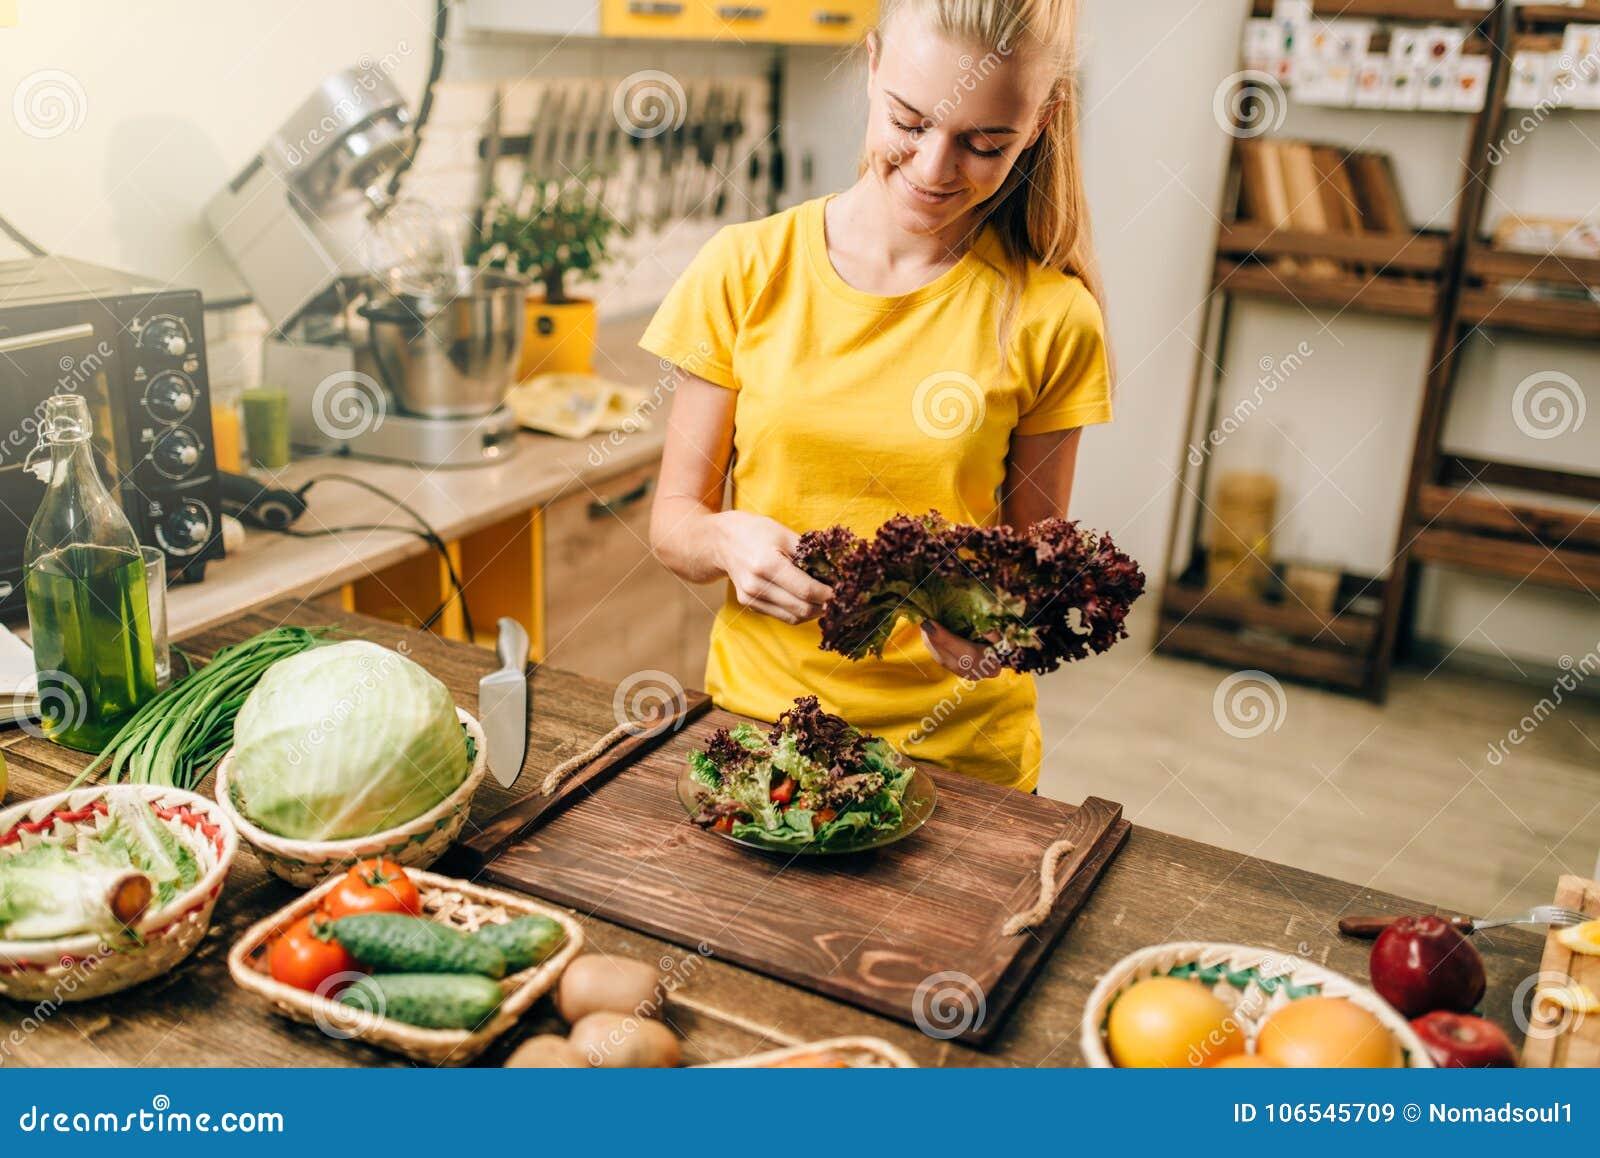 拿着沙拉的愉快的妇女,烹调健康食物